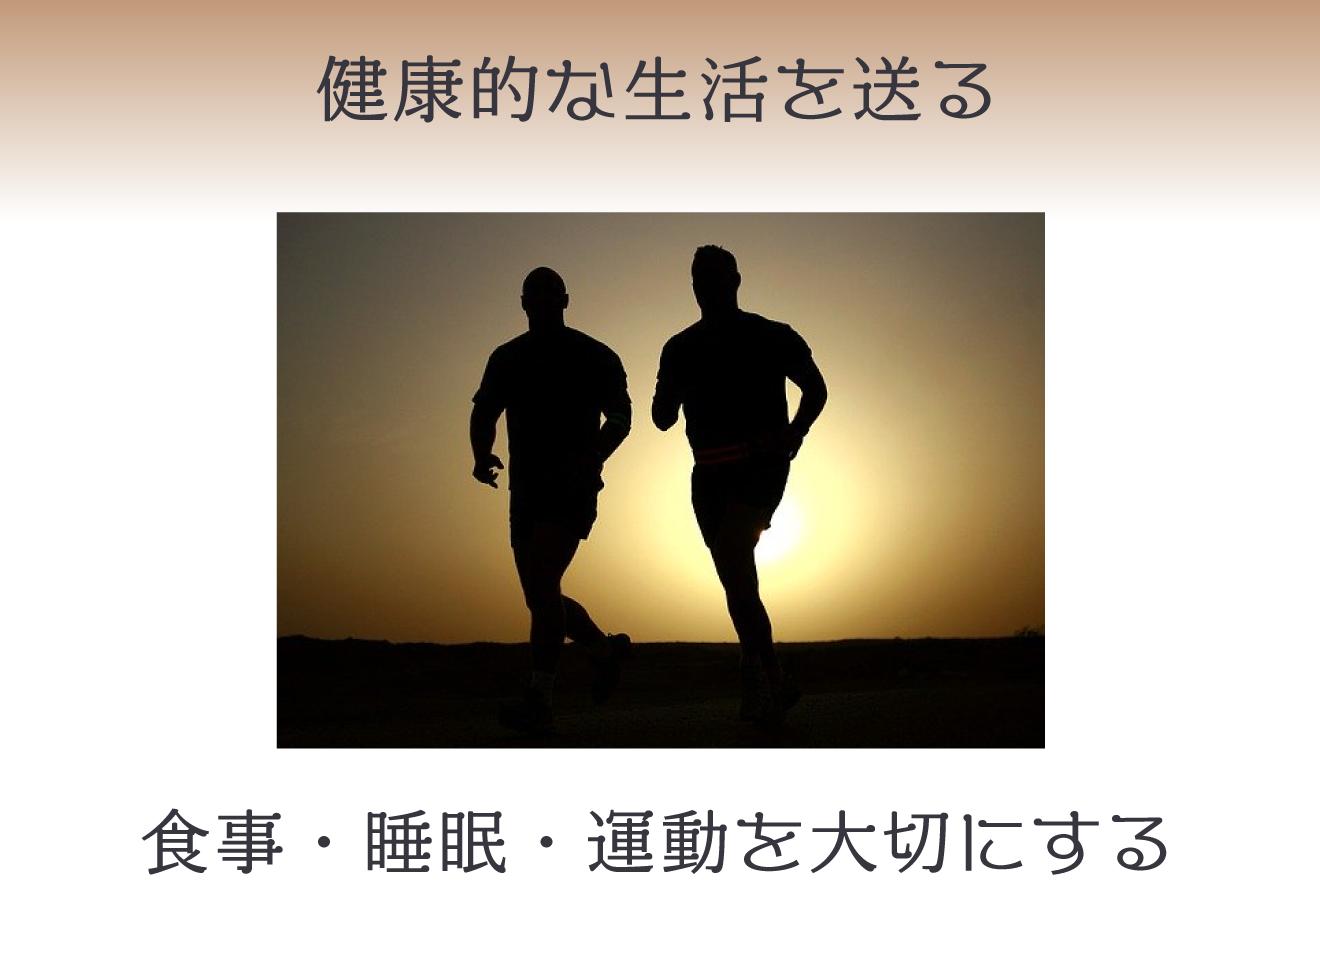 健康的な生活を送る 食事・睡眠・運動を大切にする